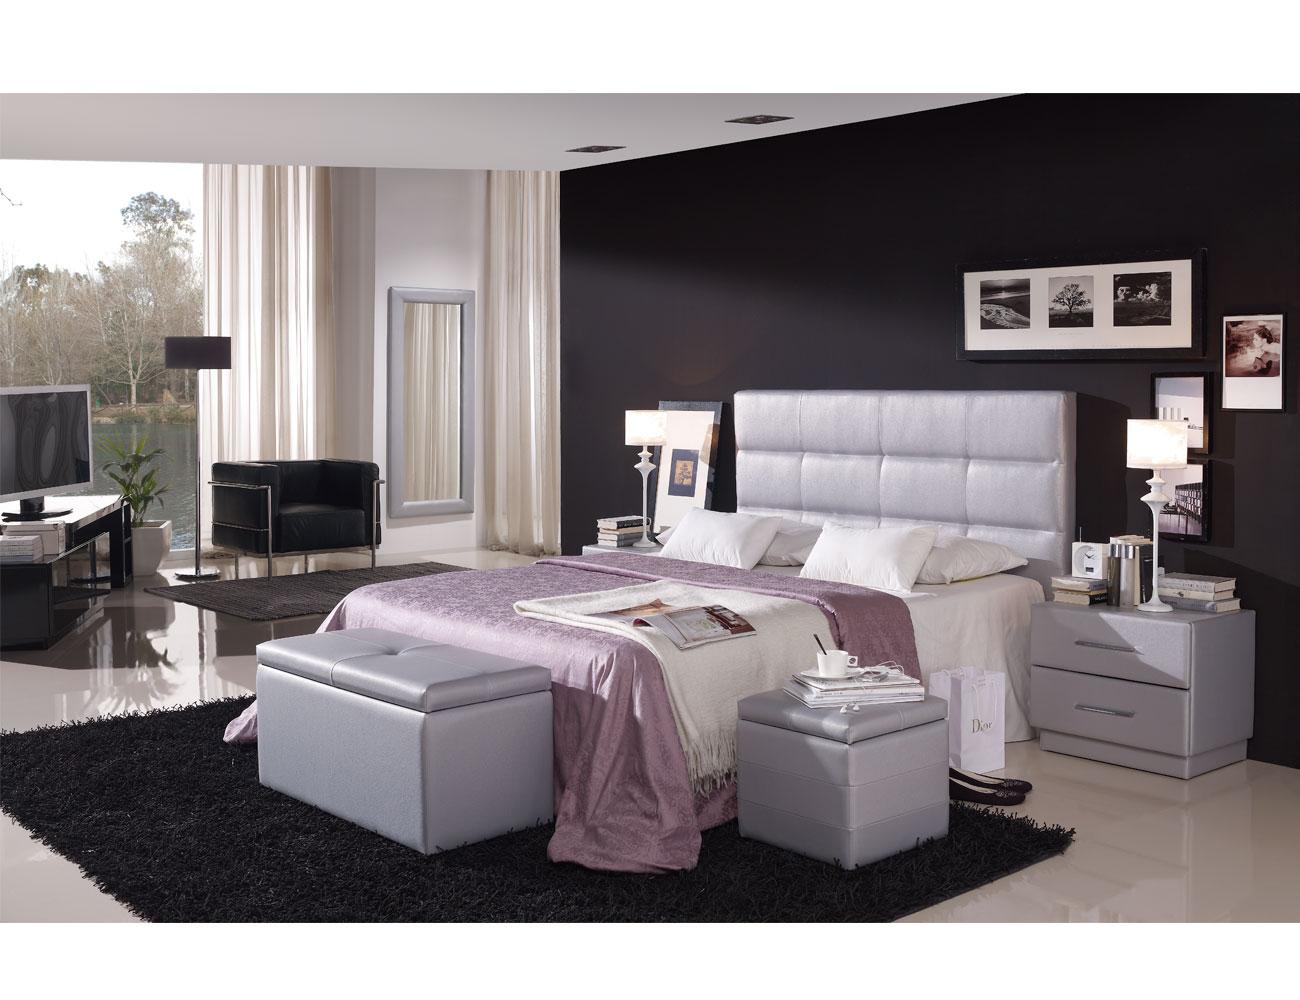 23 marco tapizado dormitorio96